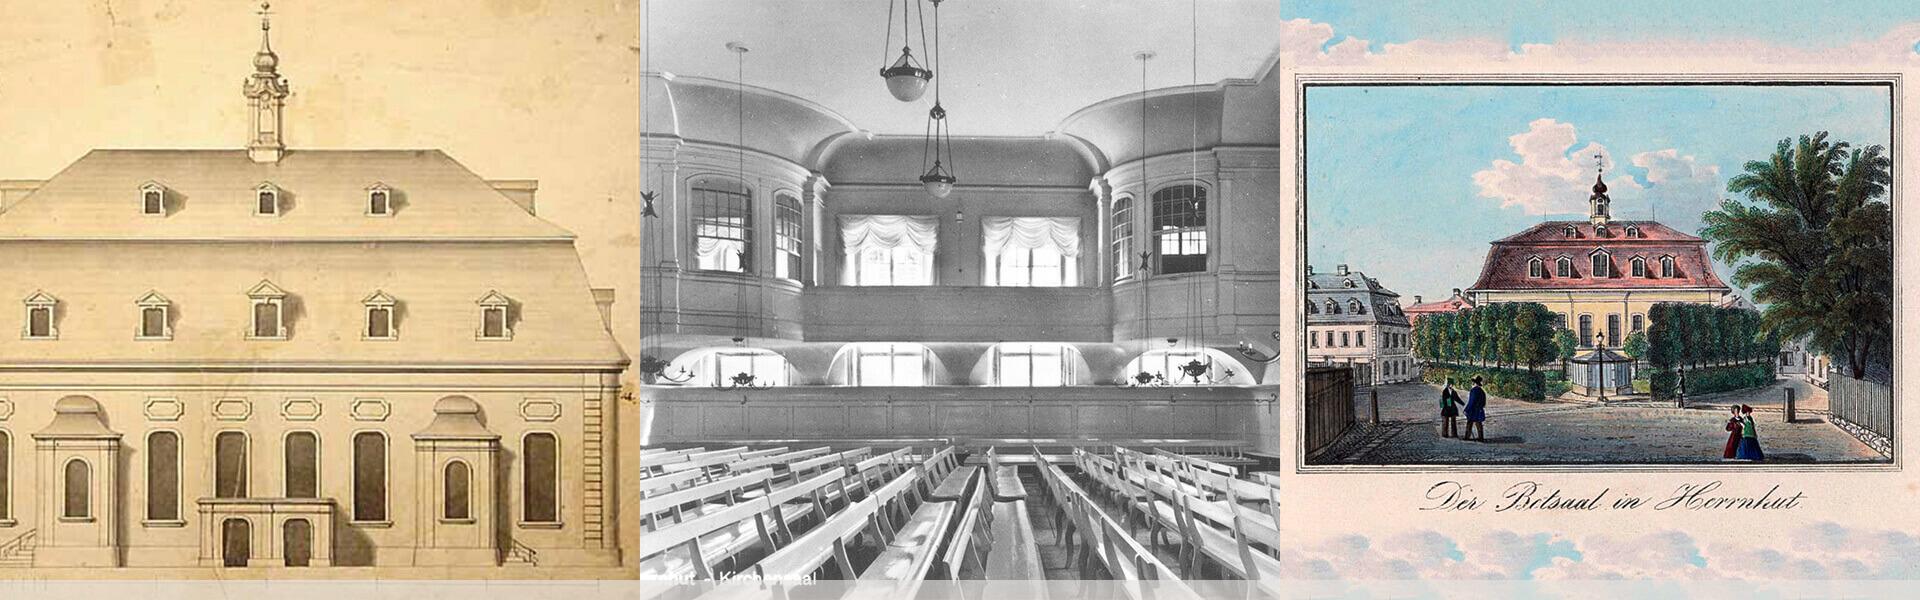 Historische Bilder des Herrnhuter Kirchensaals.